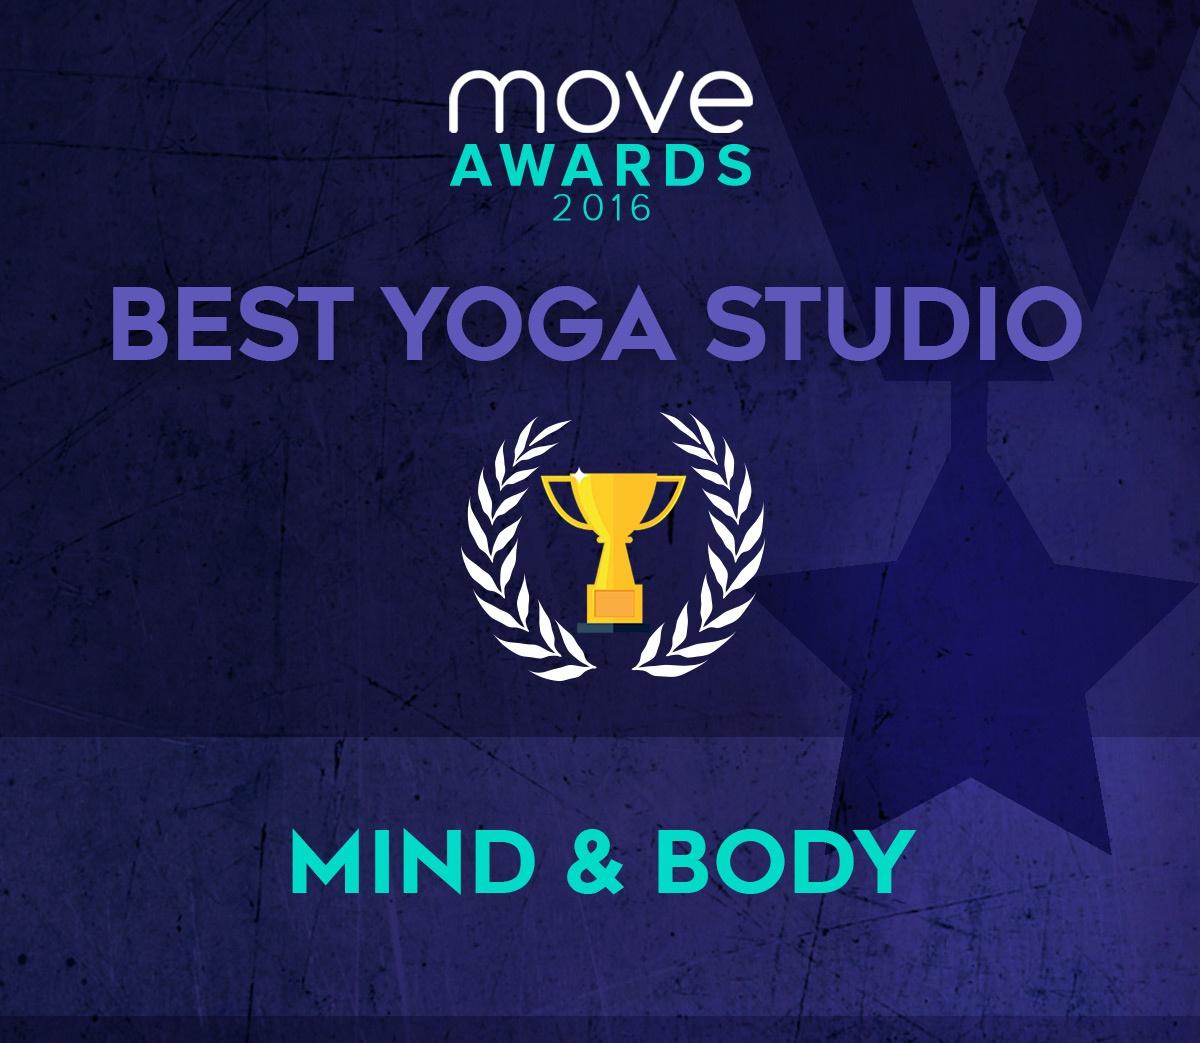 Best-Yoga-Studio-Manchester.jpg